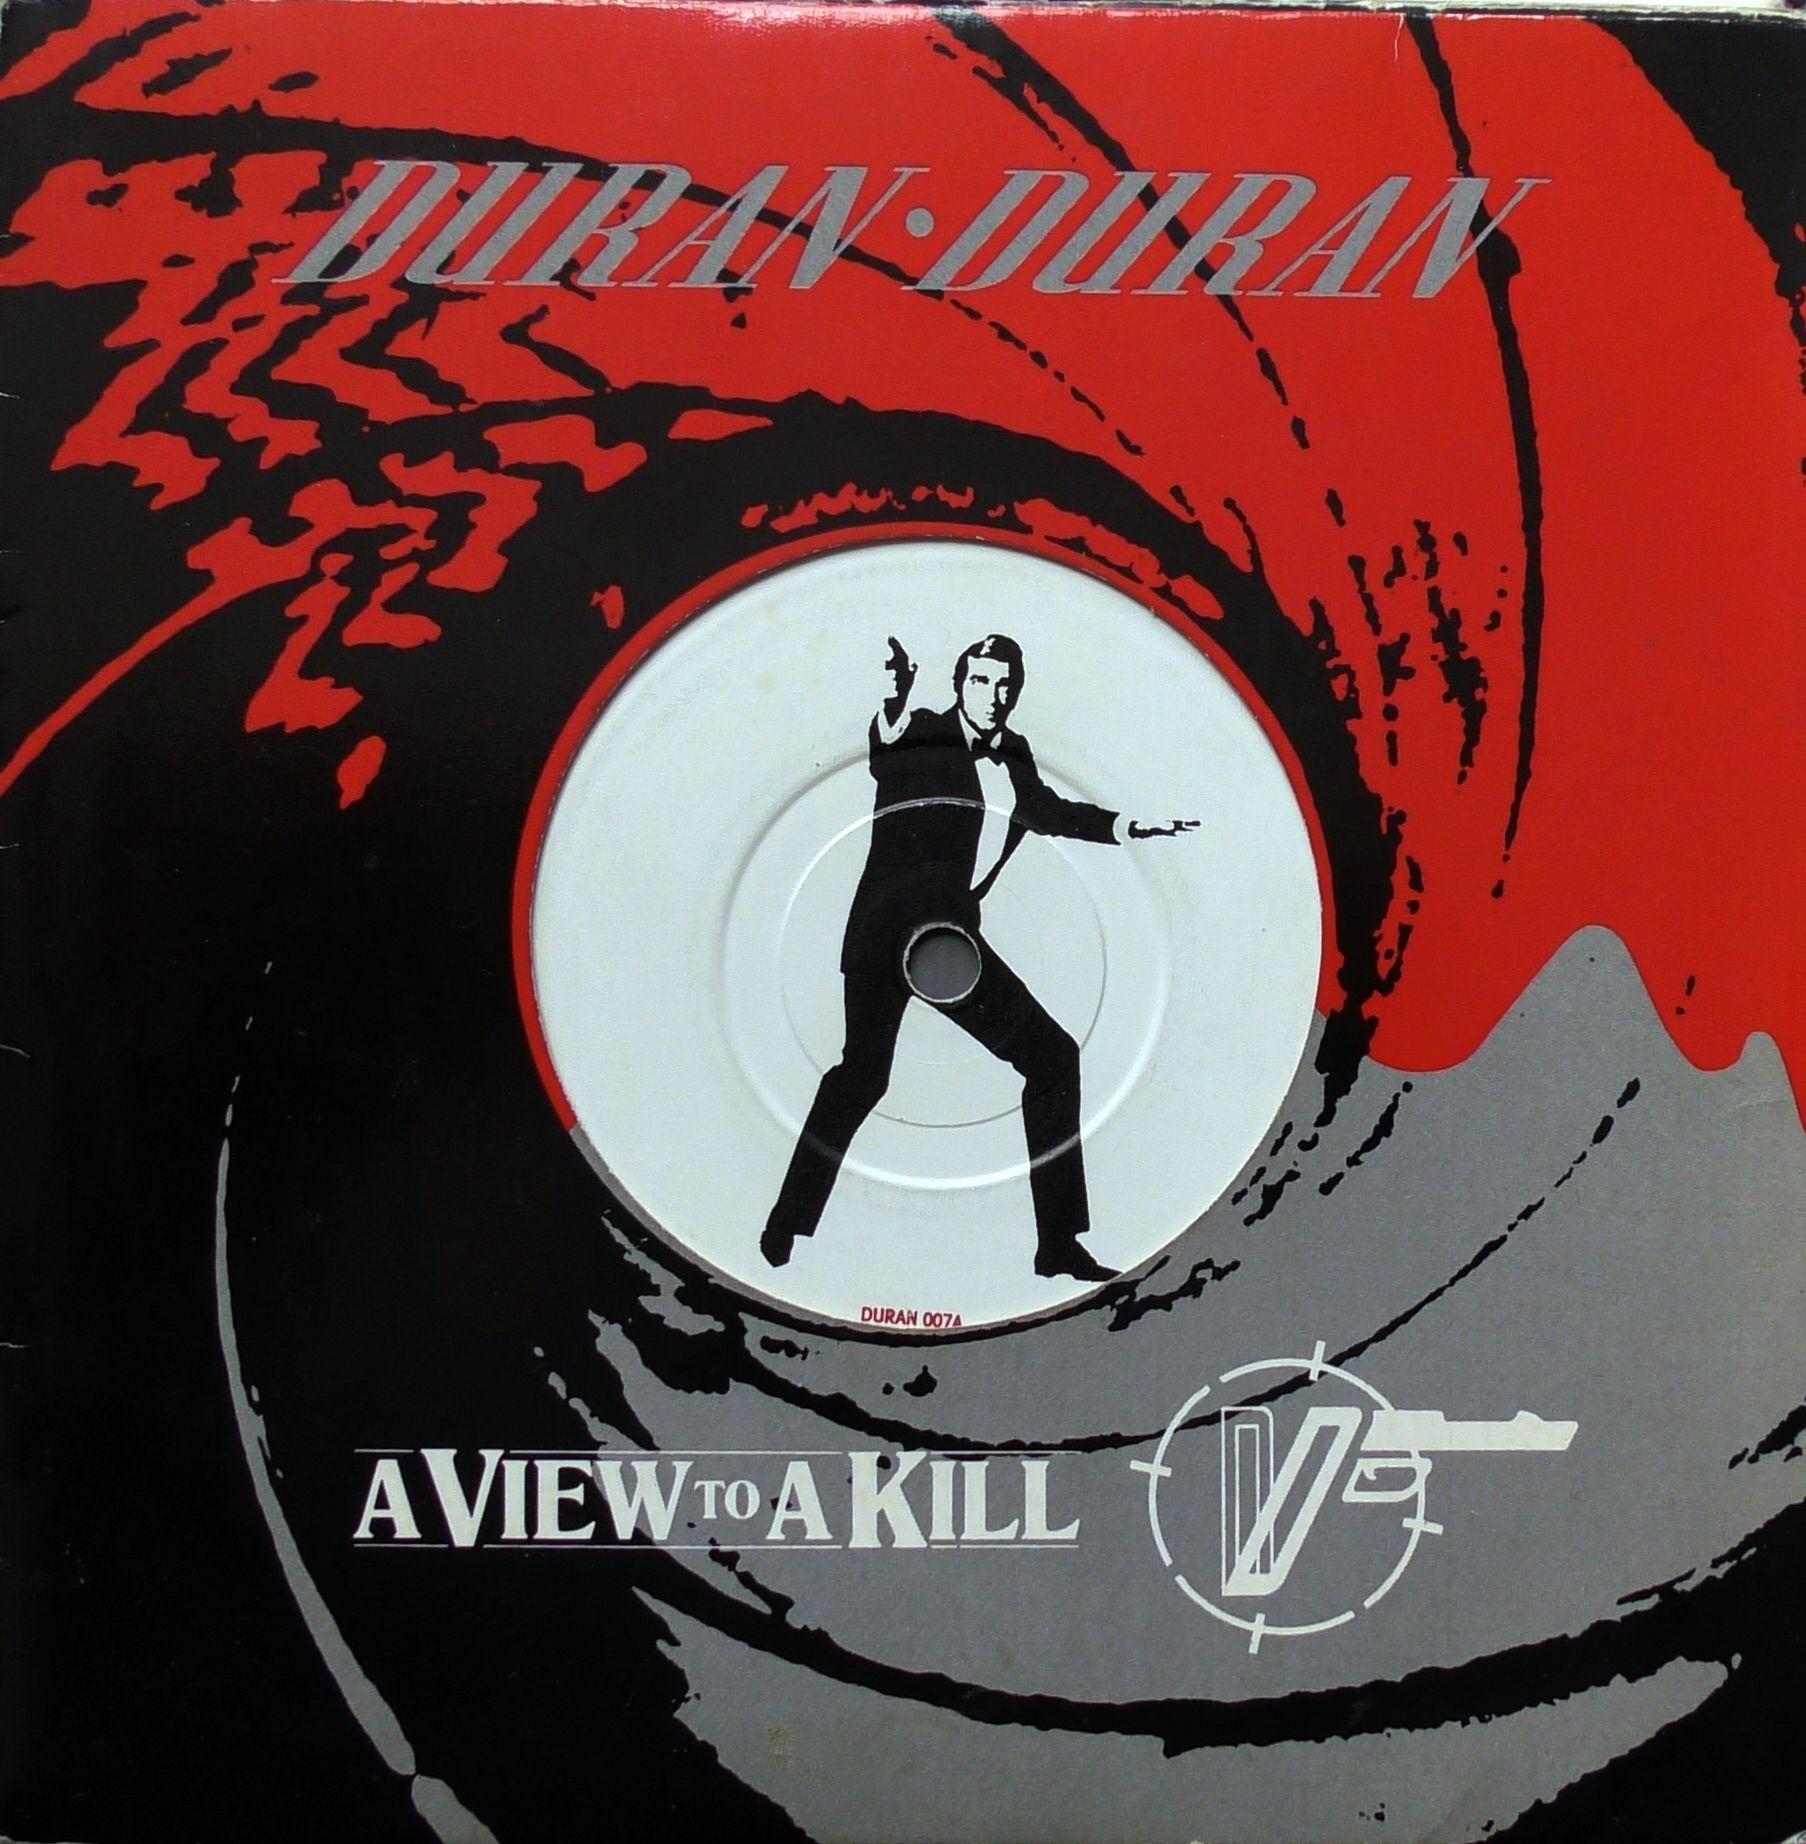 Duran Duran A View To A Kill Parlophone Duran 007 Plyta